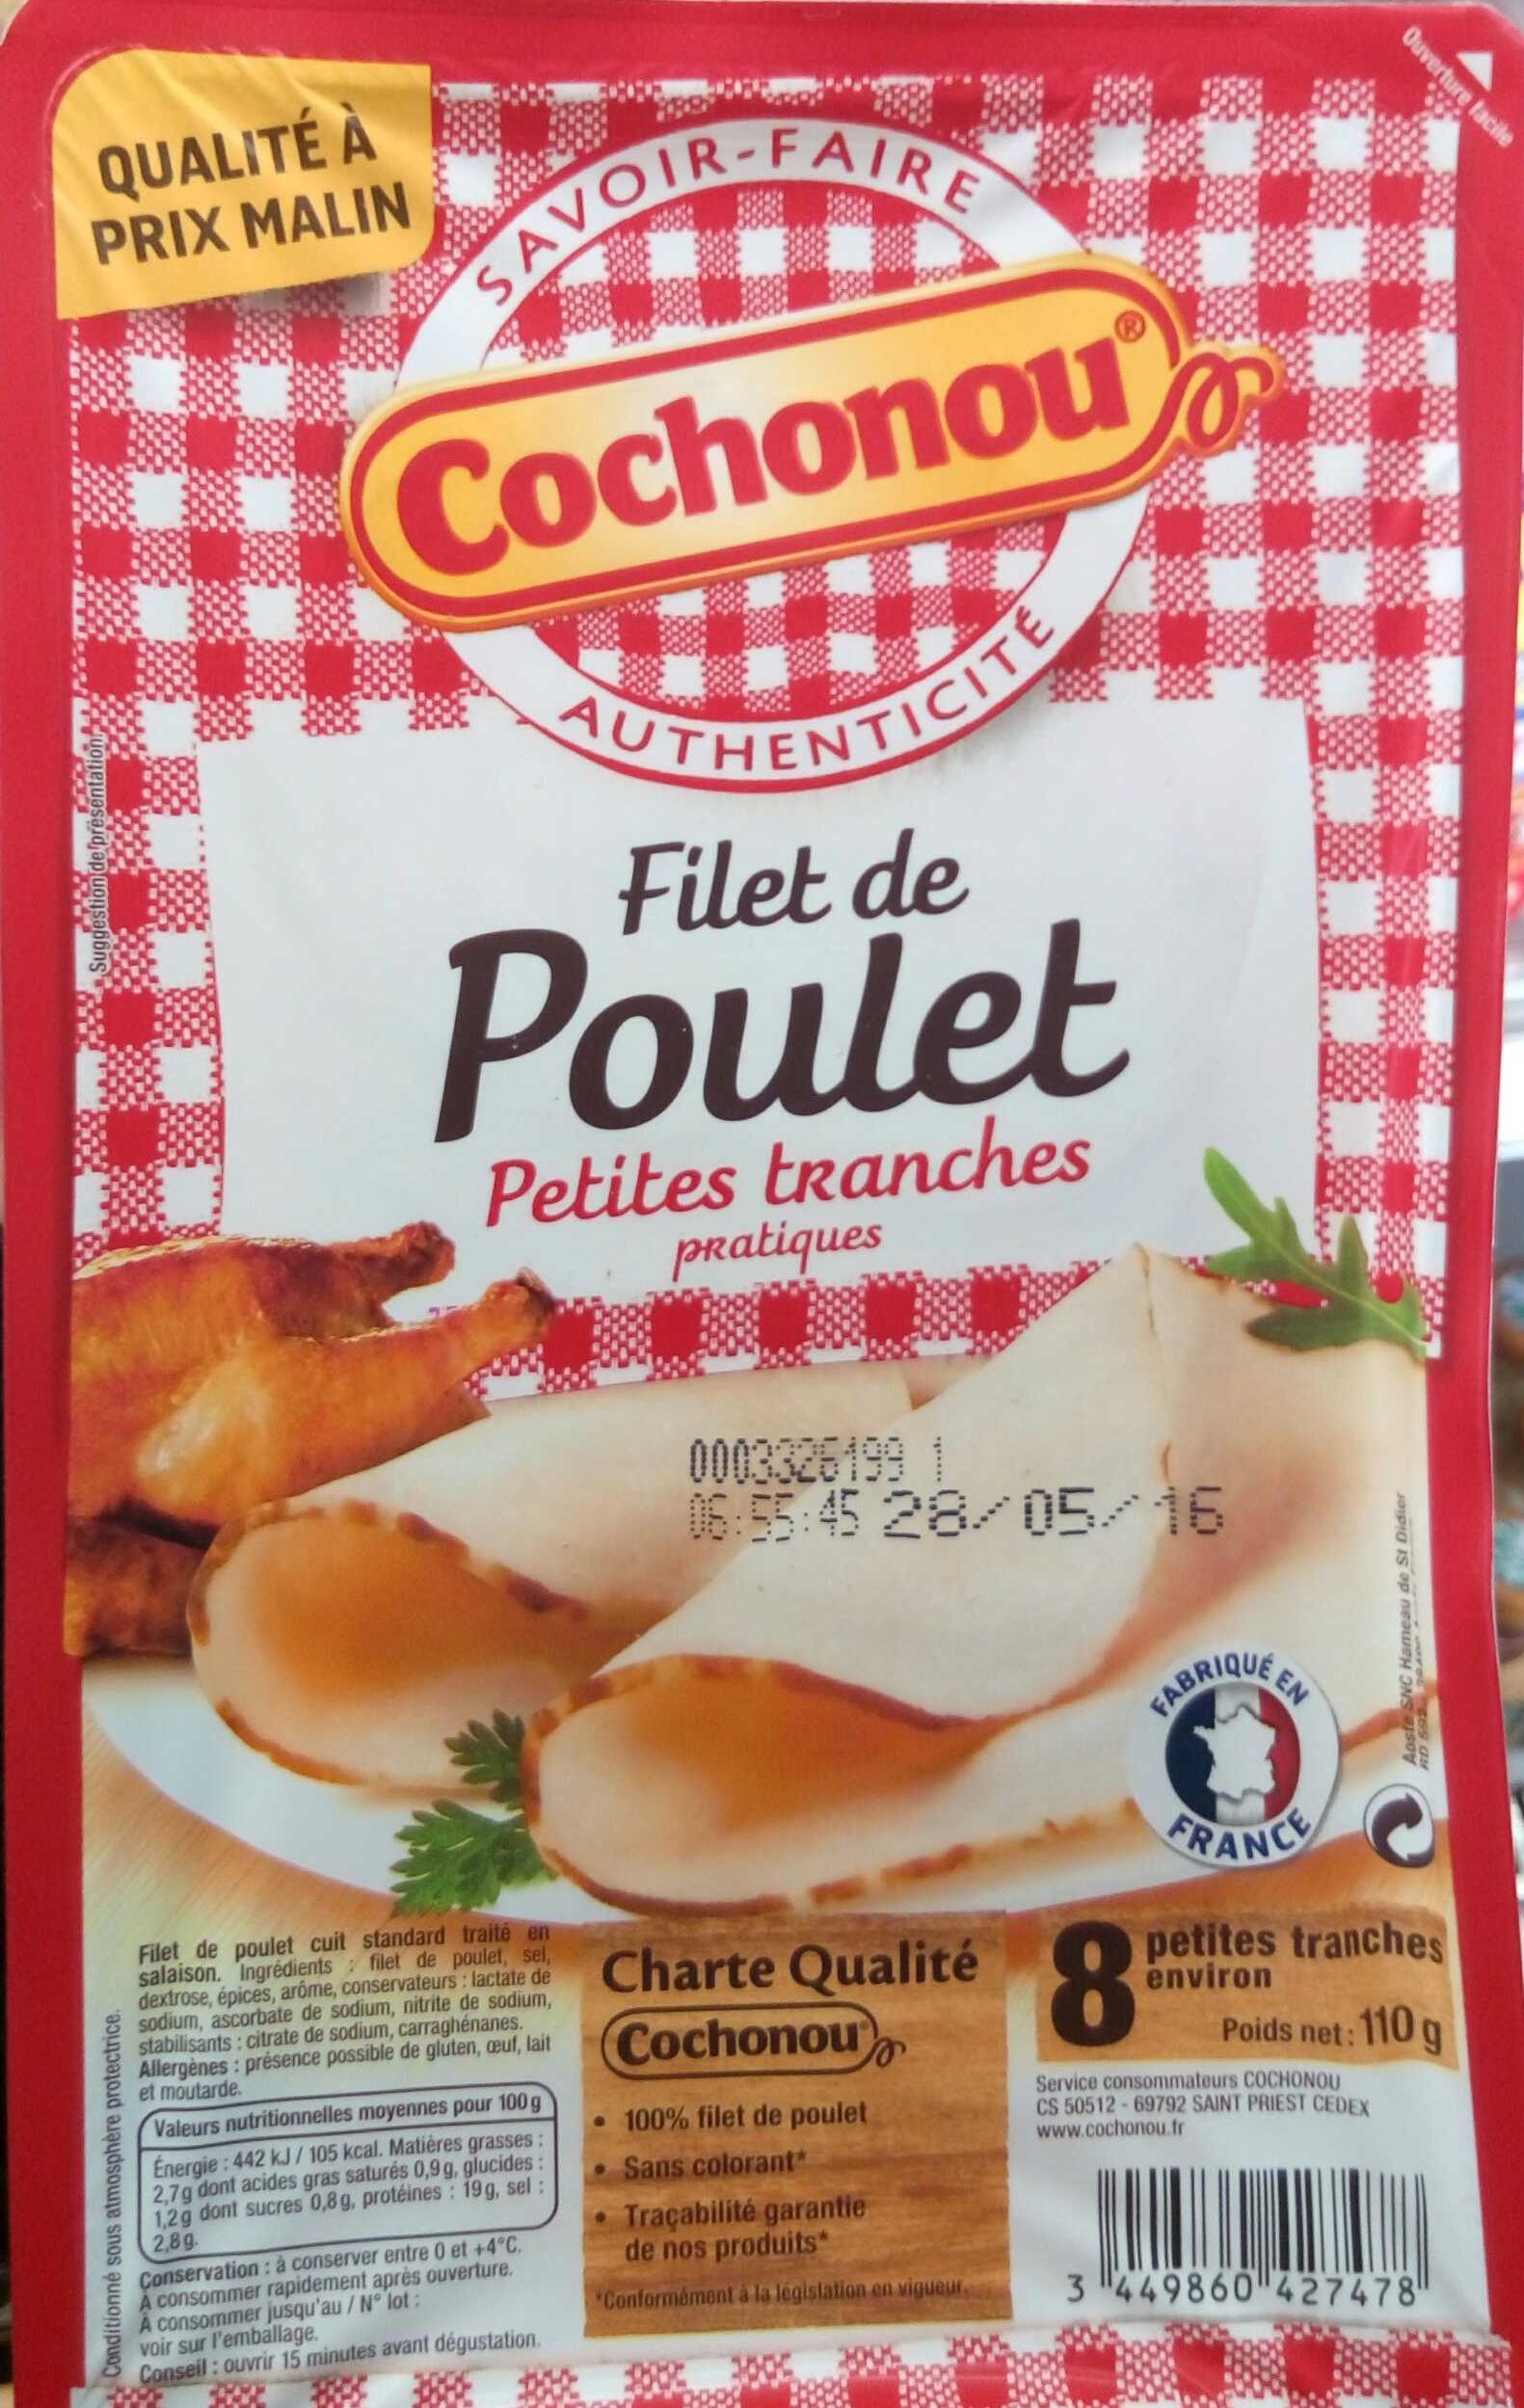 Filet de Poulet petites tranches pratiques - Produit